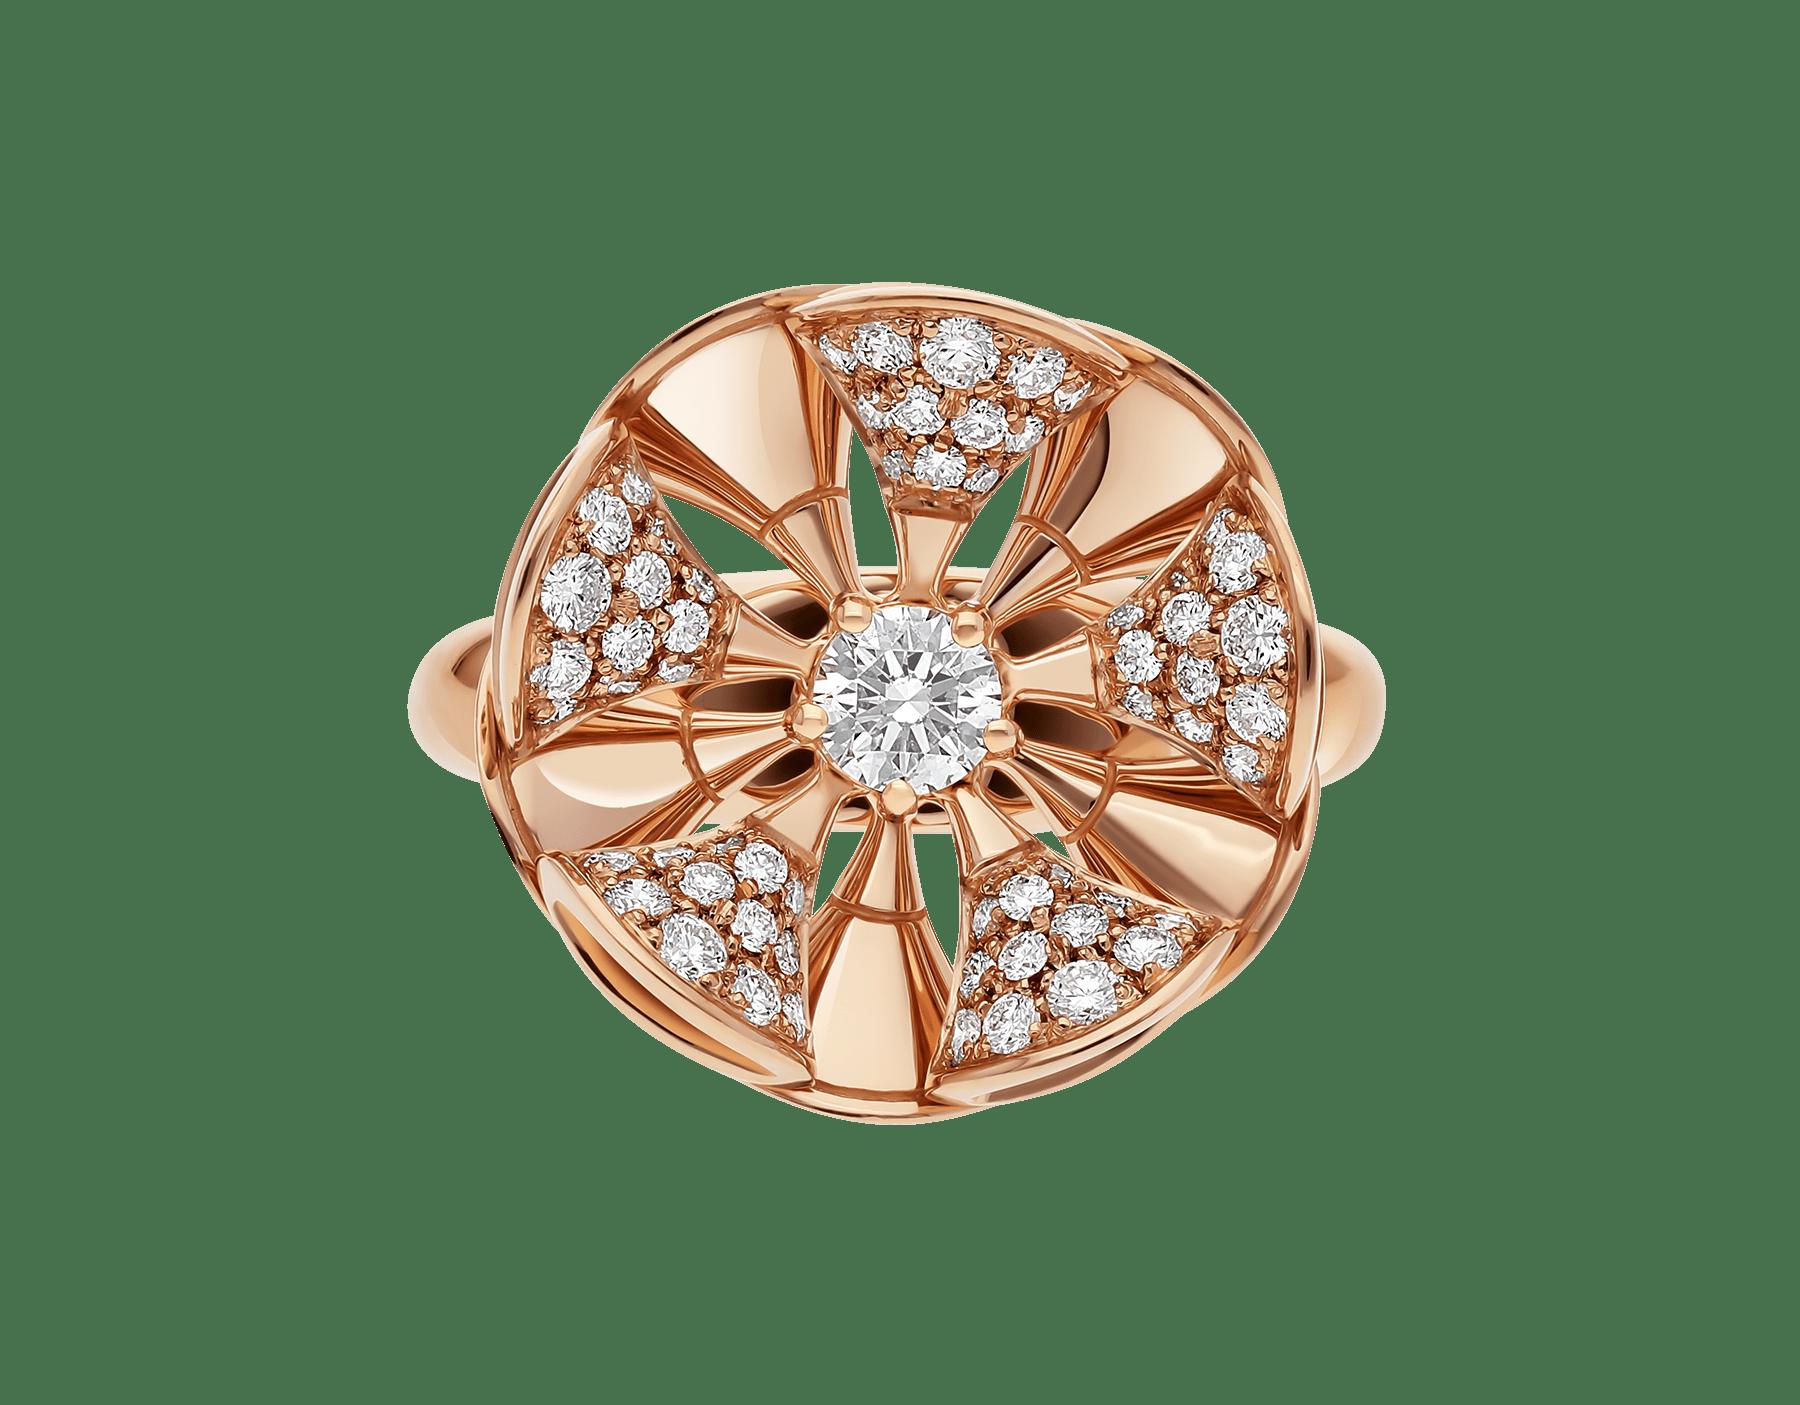 La bague DIVAS' DREAM règne en reine sur le jardin du glamour en se parant d'or rose et de pétales en pavé diamants à l'élégance florale. AN857078 image 3